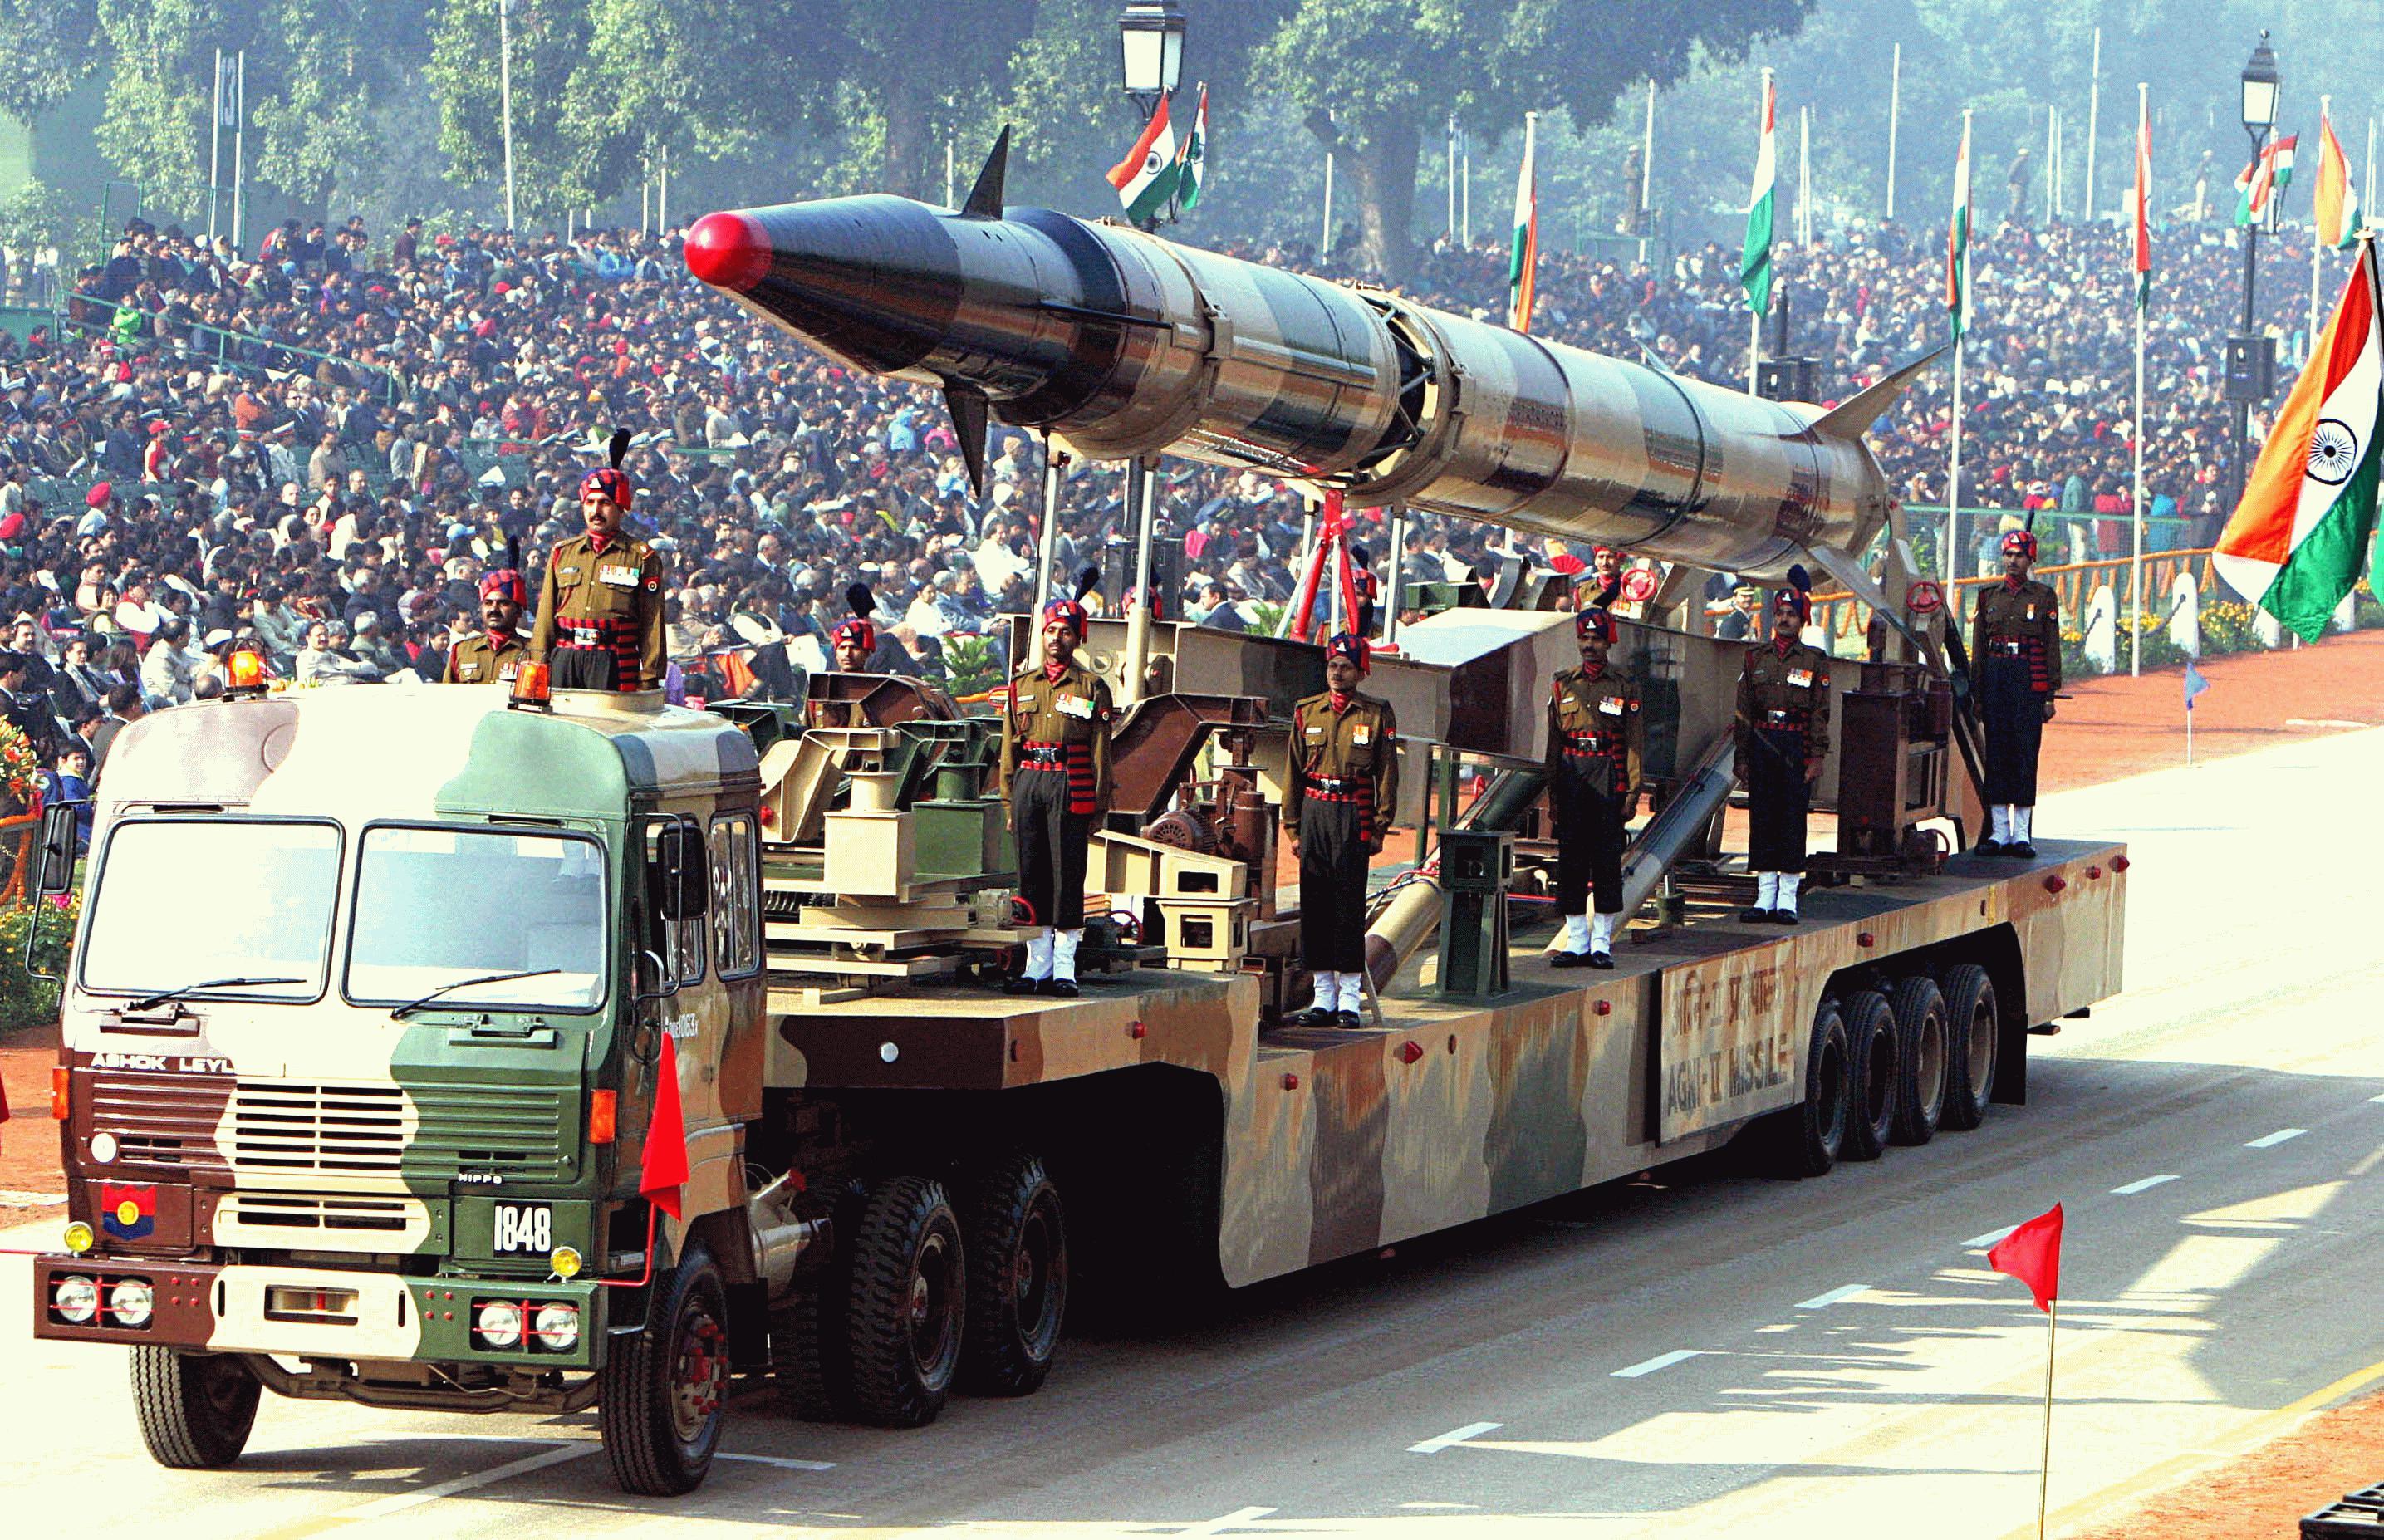 هل يبحث المغرب في الهند على تكنولوجيا صواريخ بعيدة المدى؟